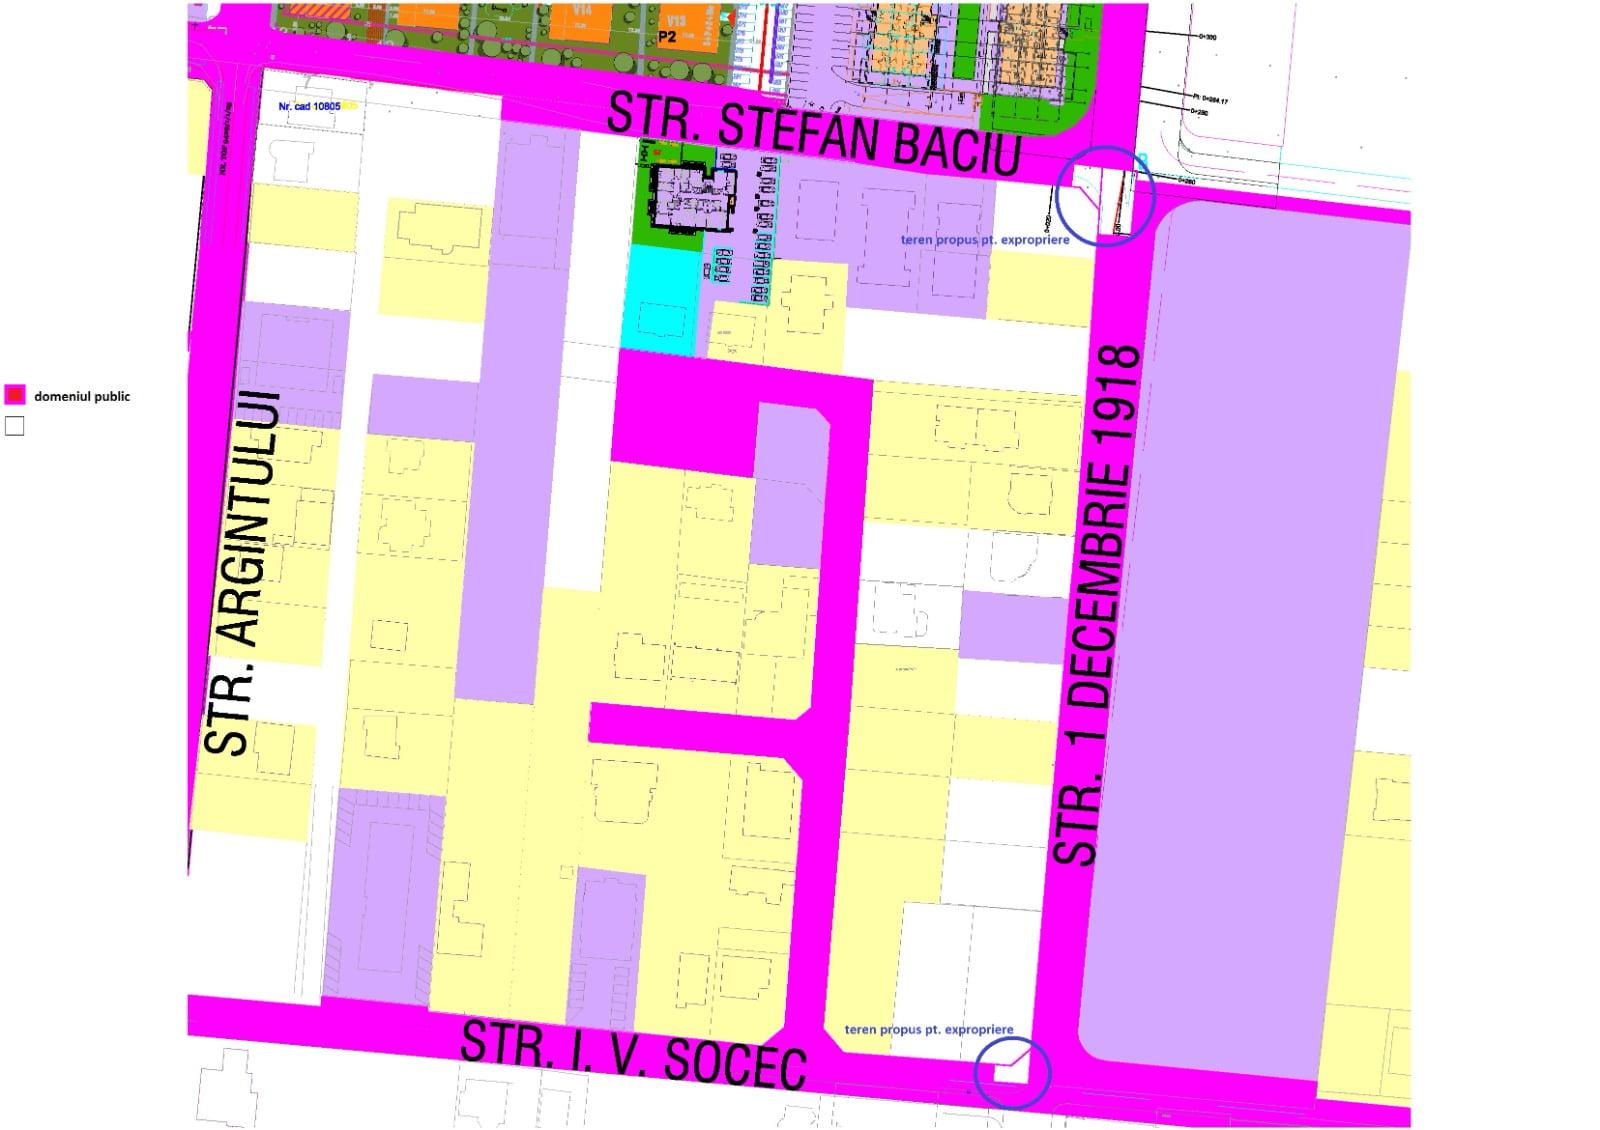 Două bucăți de intersecție din noua zonă a cartierului Tractorul vor fi expropriate pe banii unui dezvoltator imobiliar, astfel încât să se poată efectua amenajările rutiere